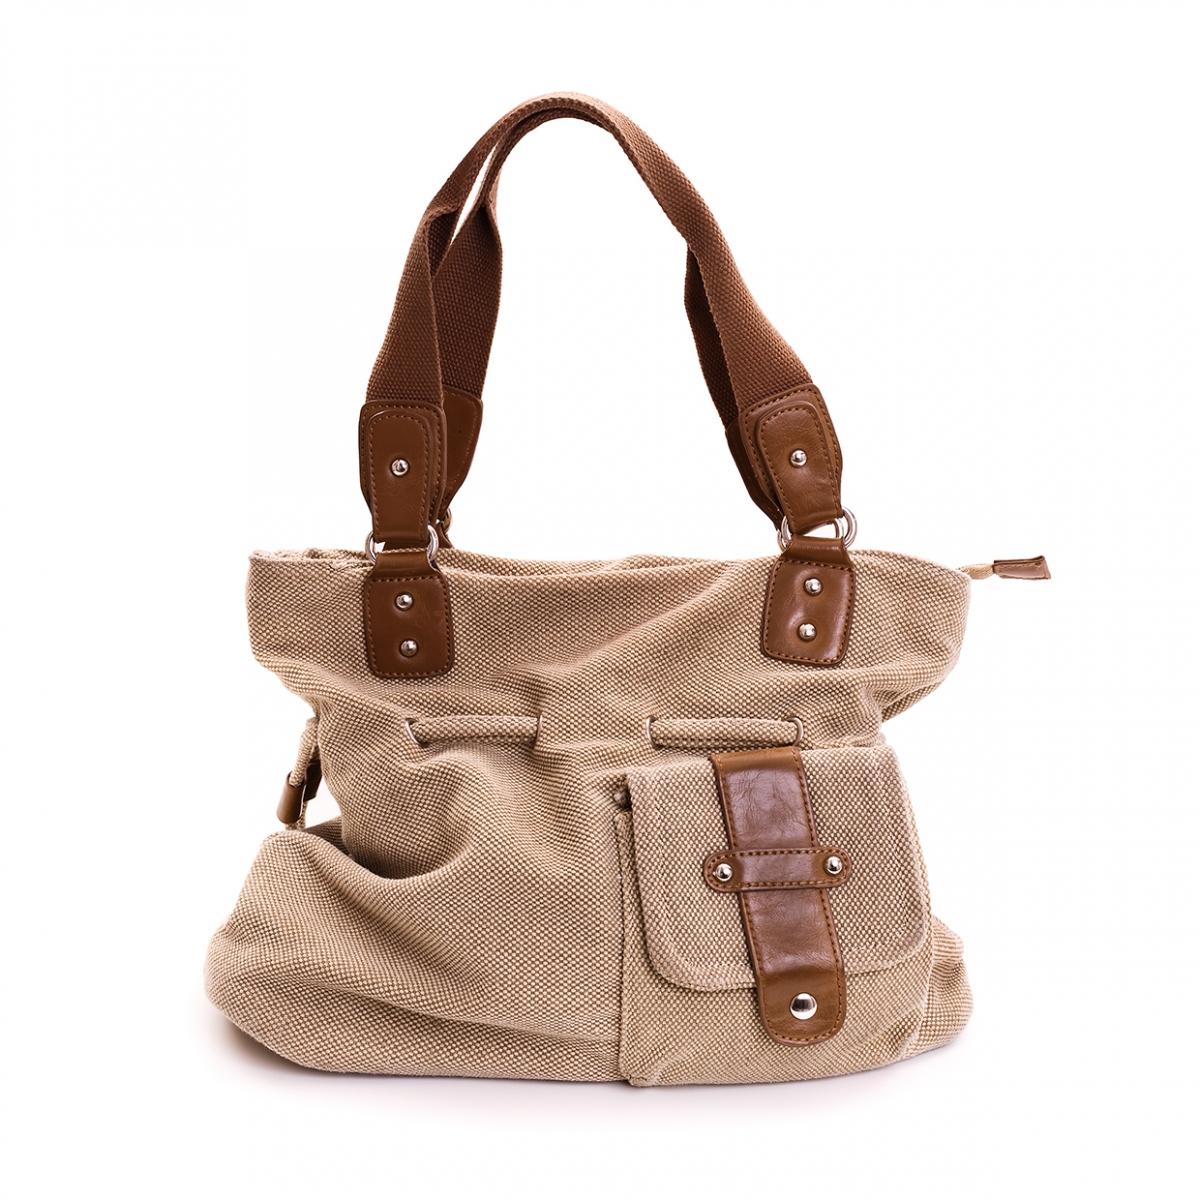 Imagen en la que se ve un bolso